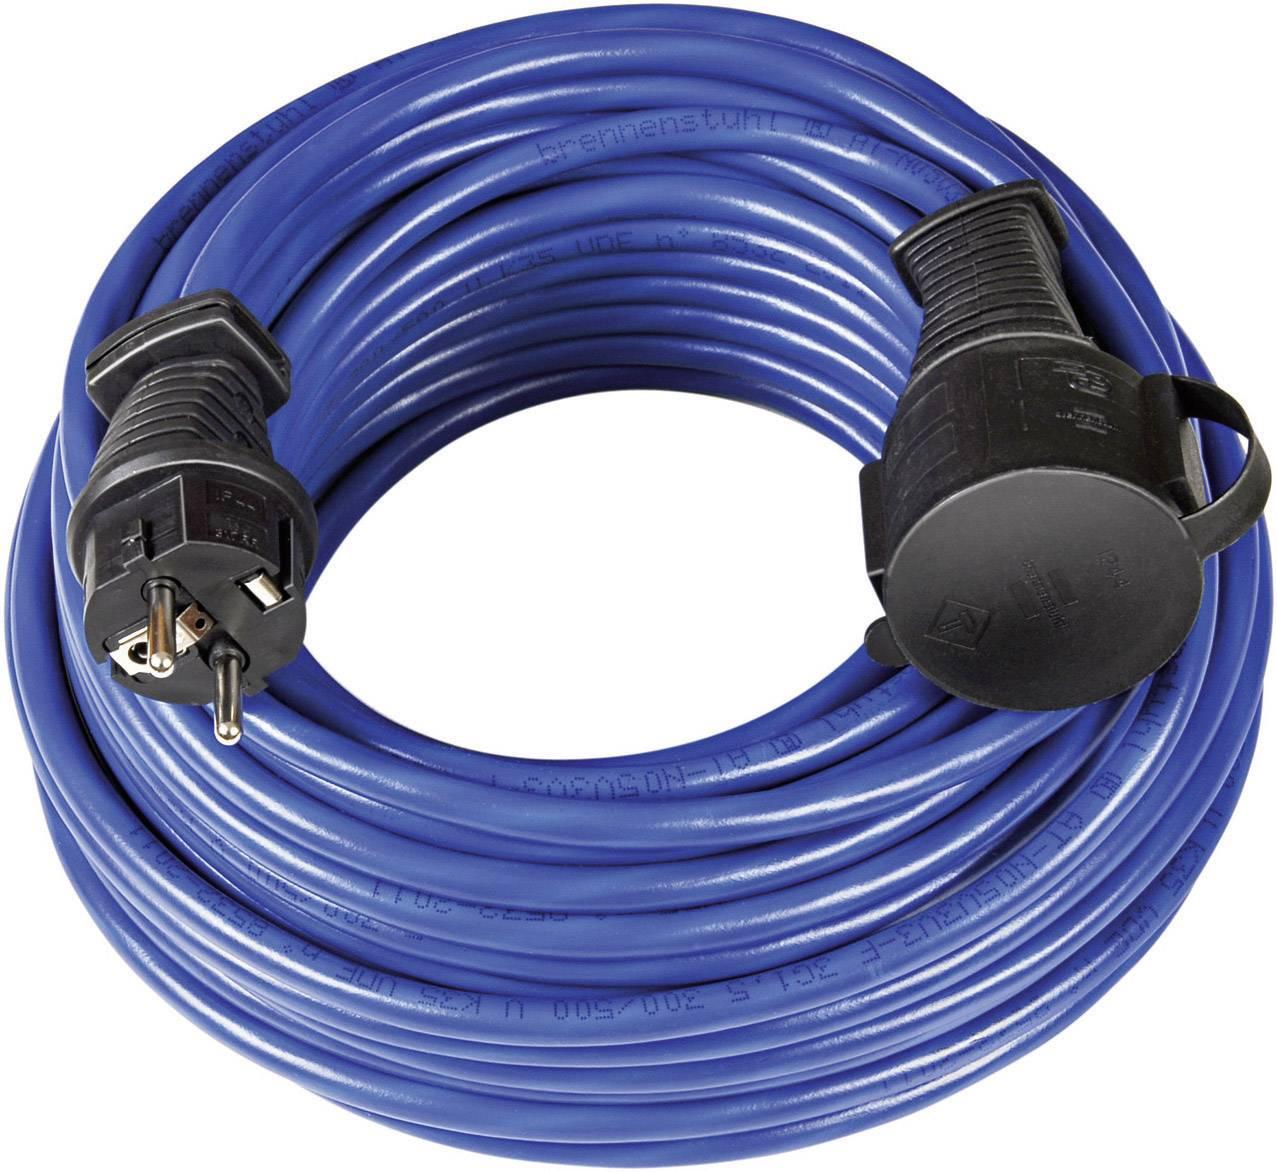 Prodlužovací kabel Brennenstuhl, 25 m, modrá